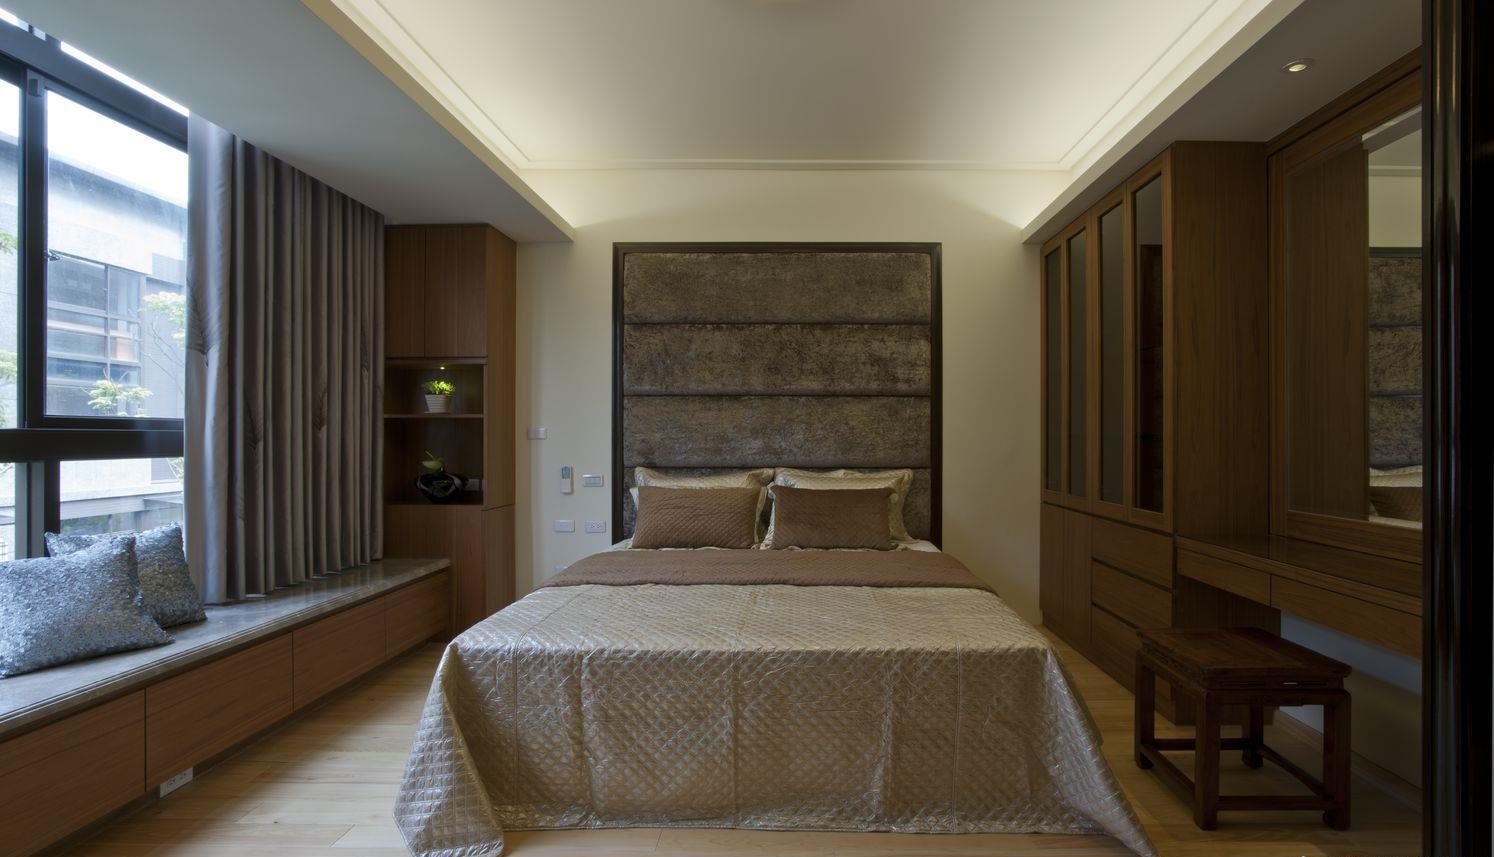 整个卧室简约大气,业主的床品很是有品位